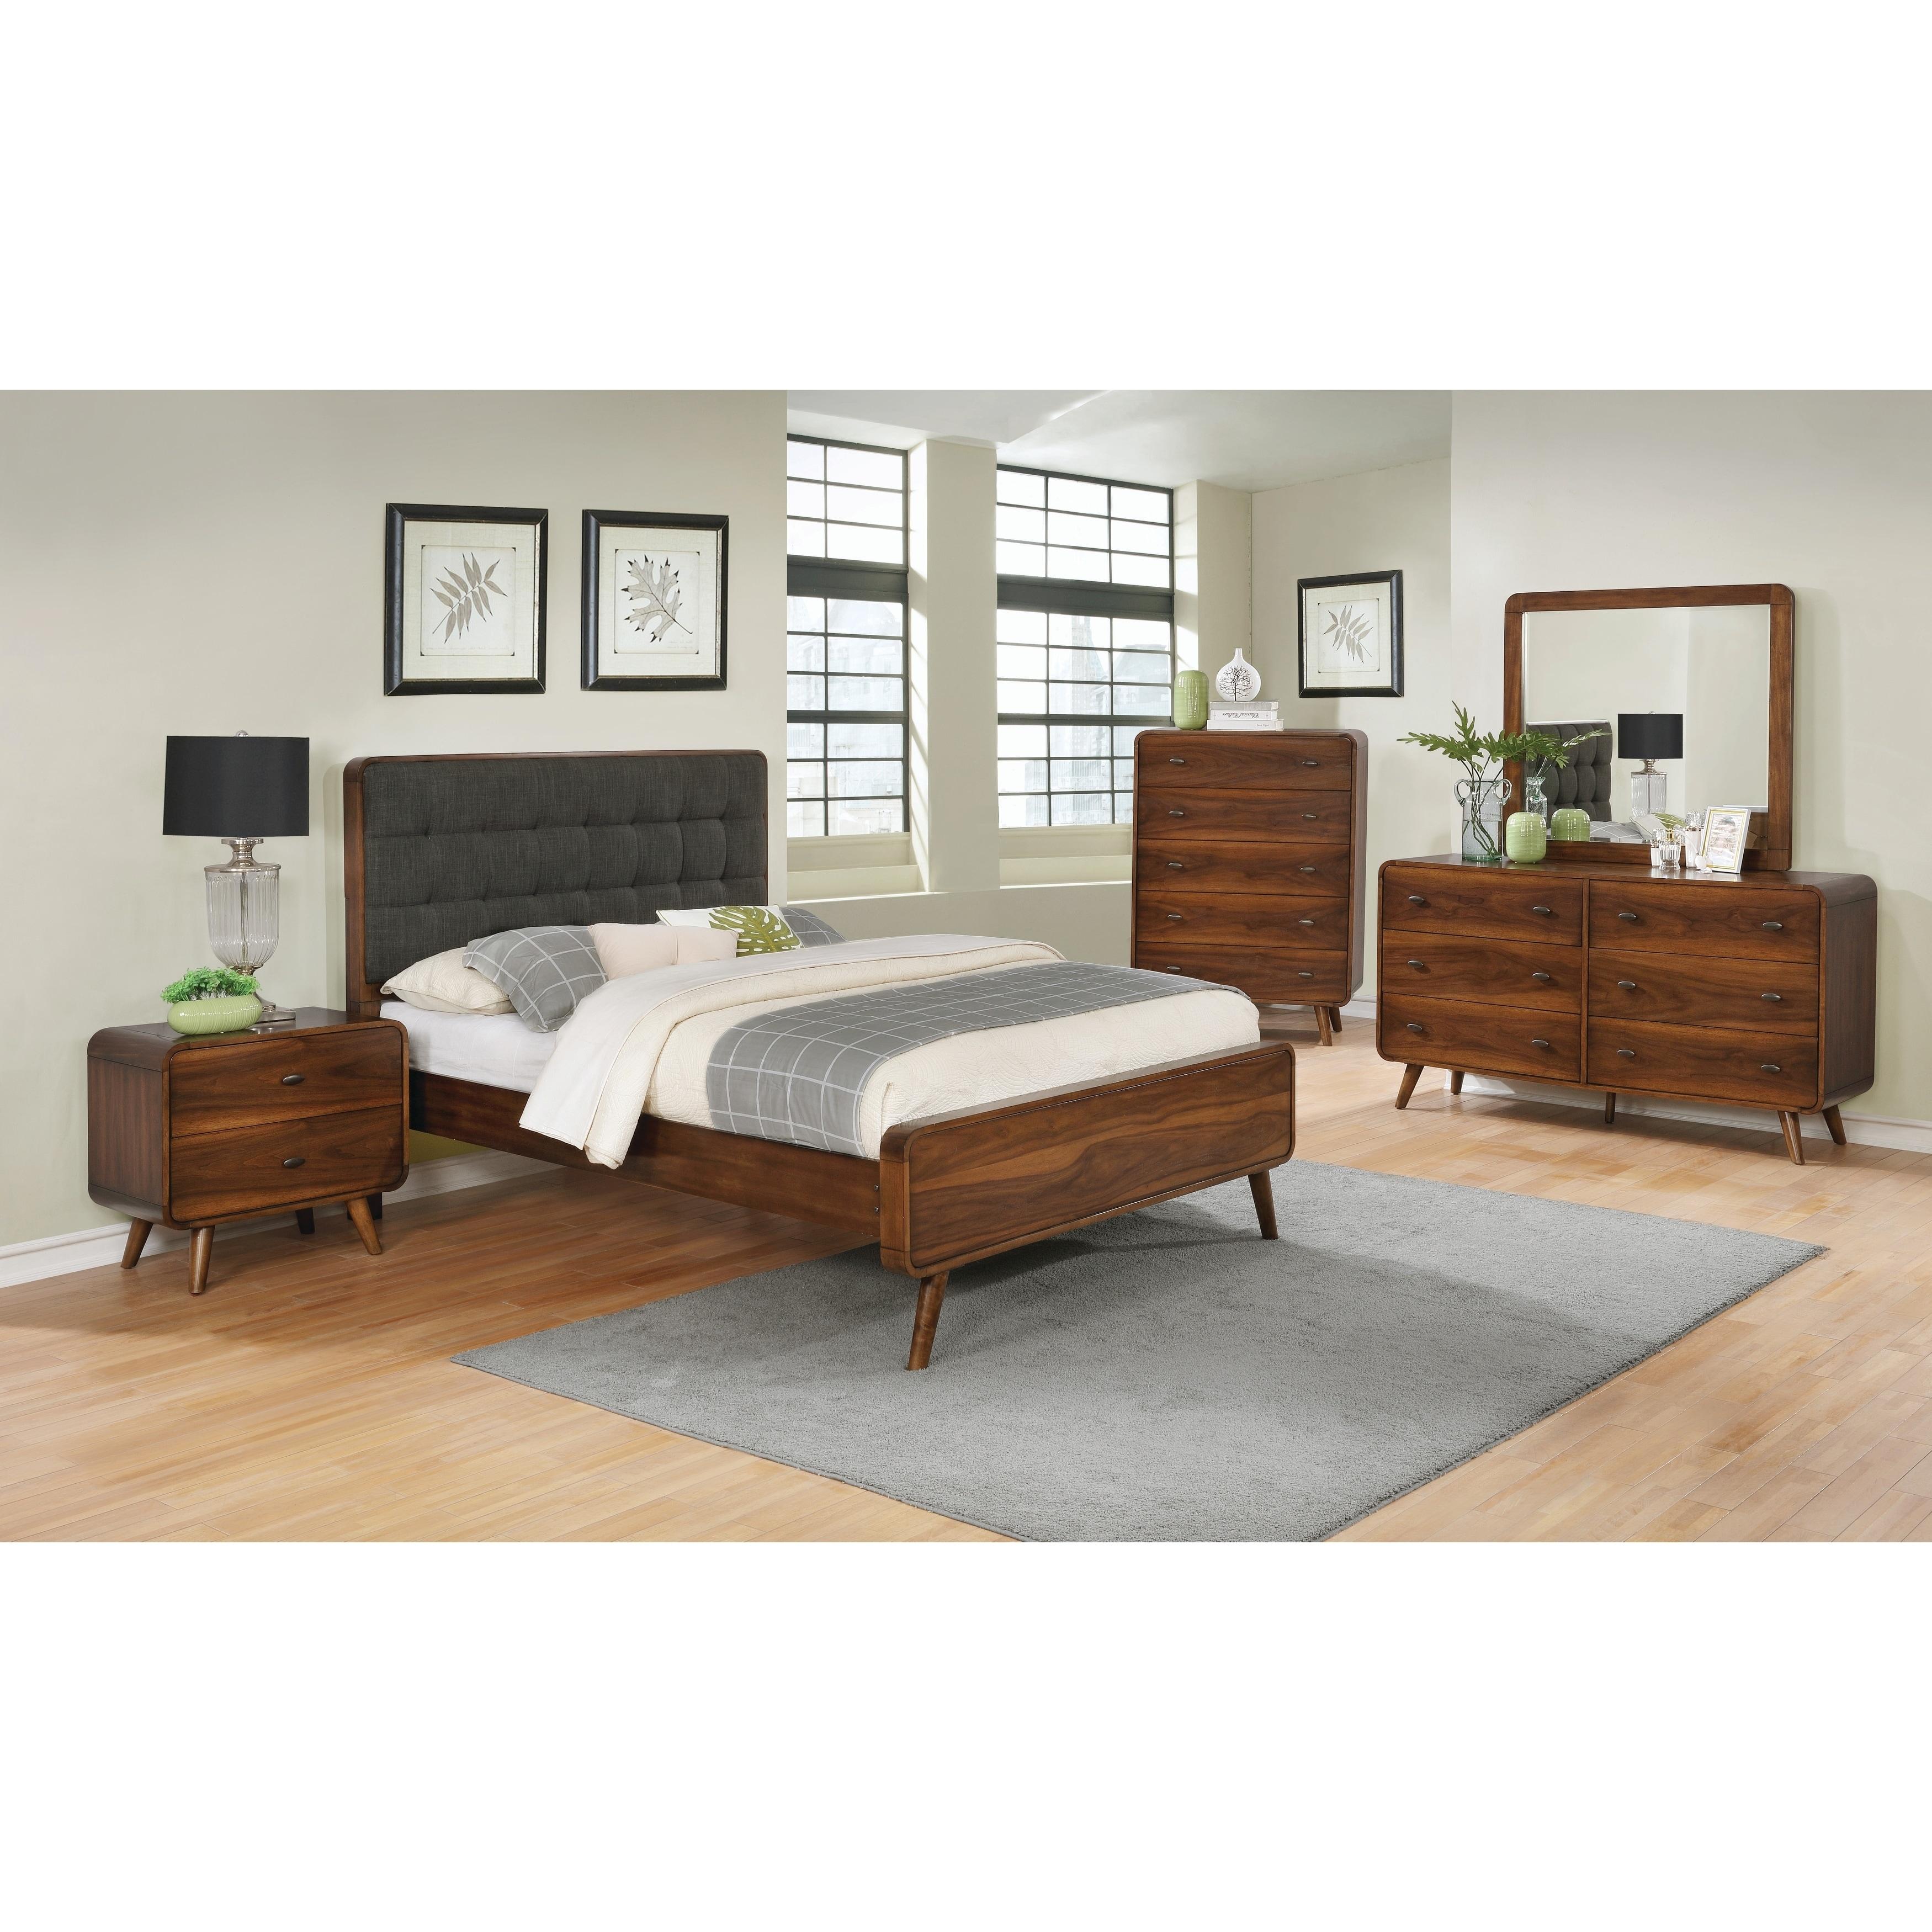 Robyn Mid-century Modern Dark Walnut 4-piece Bedroom Set